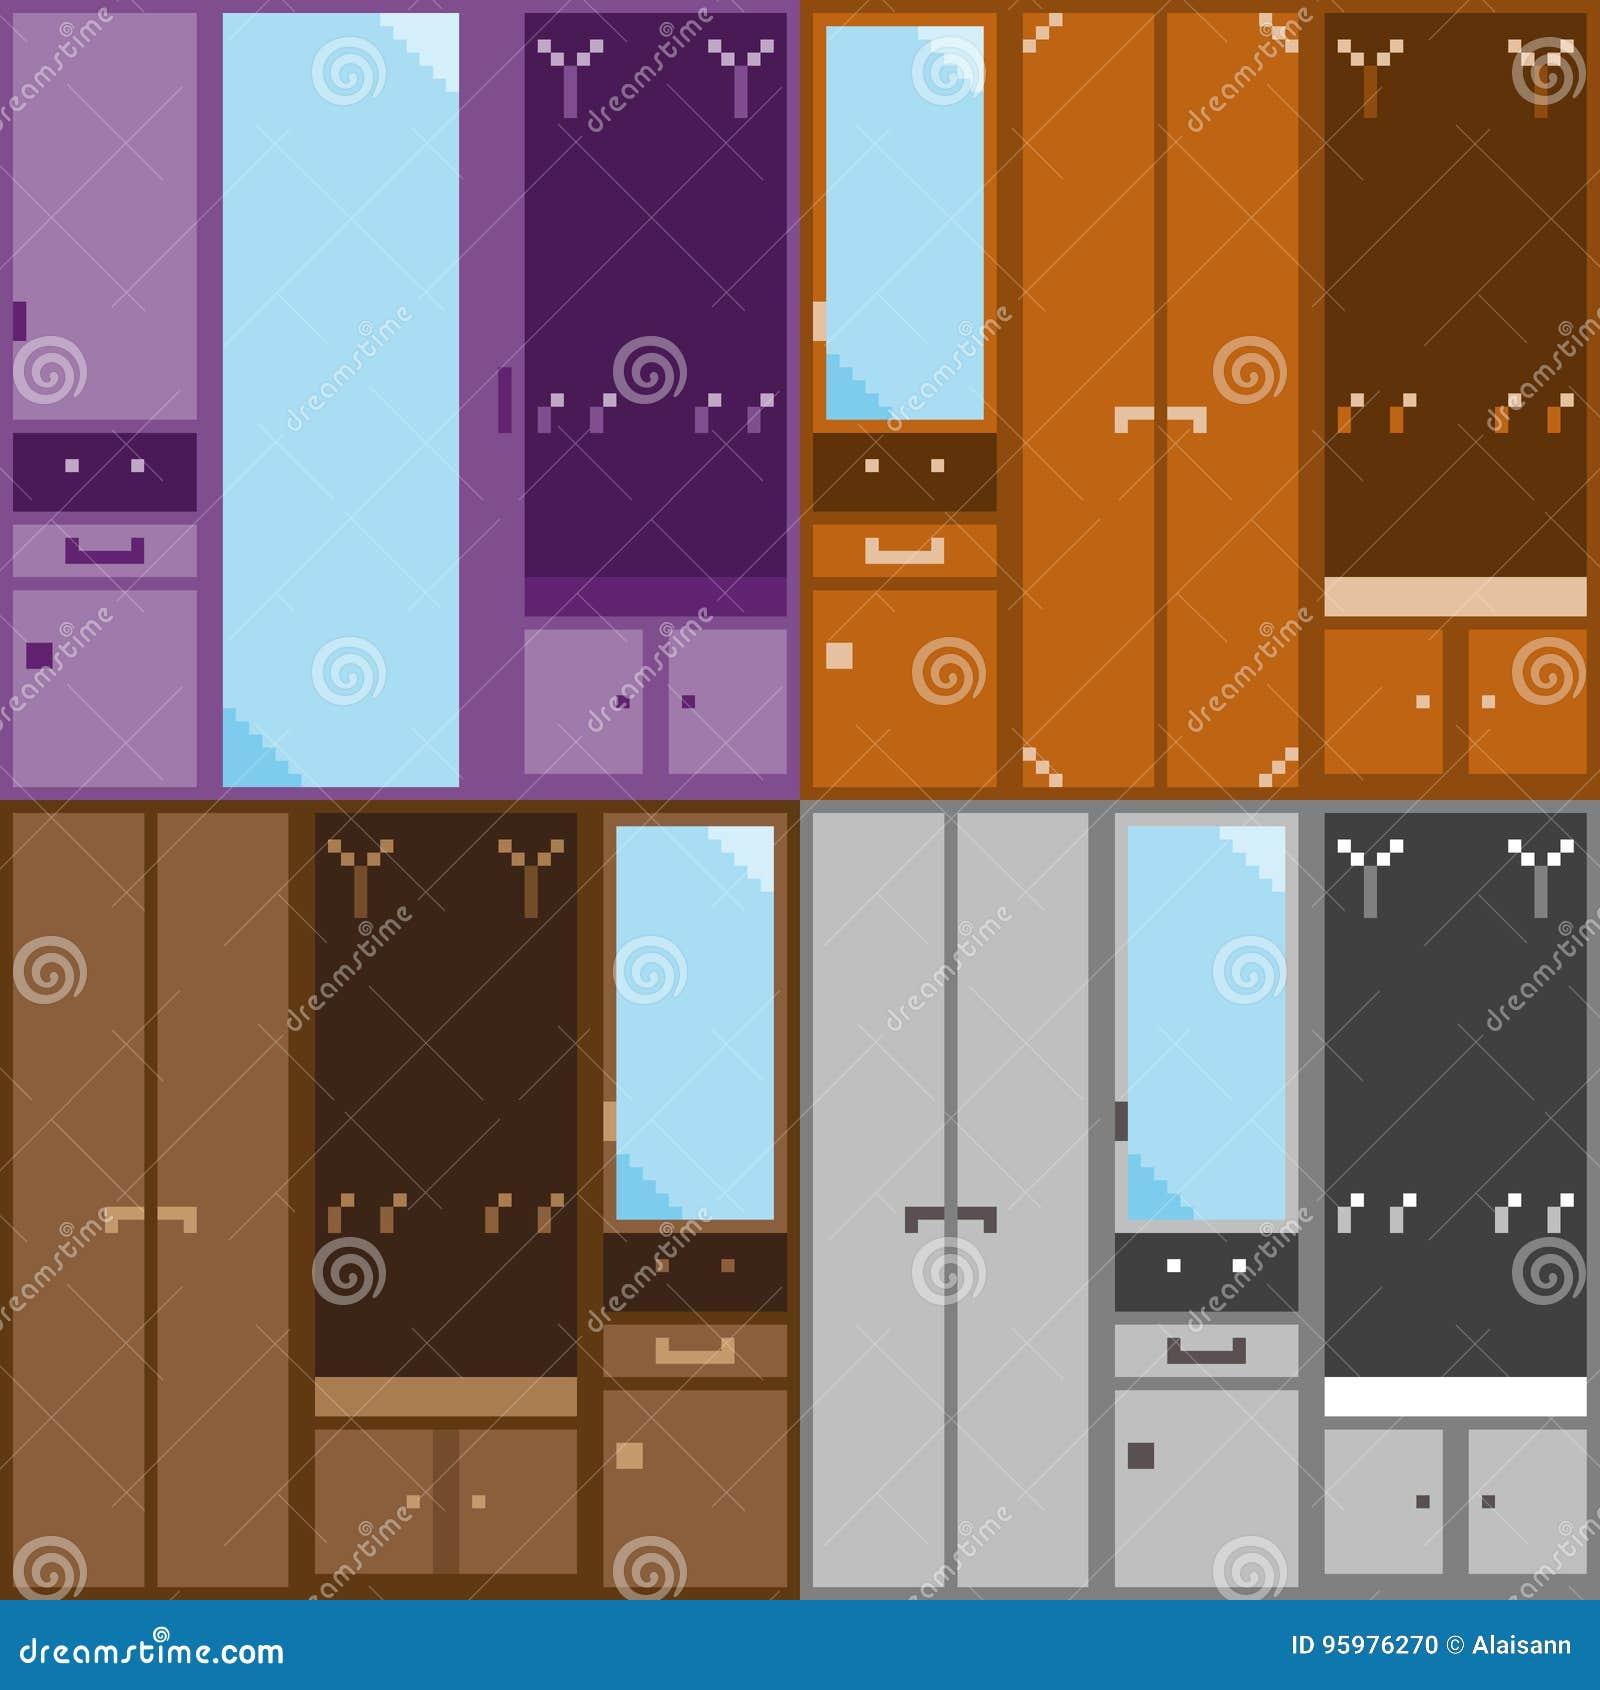 Un equipo de cuatro sistemas de los muebles modulares para el vestíbulo